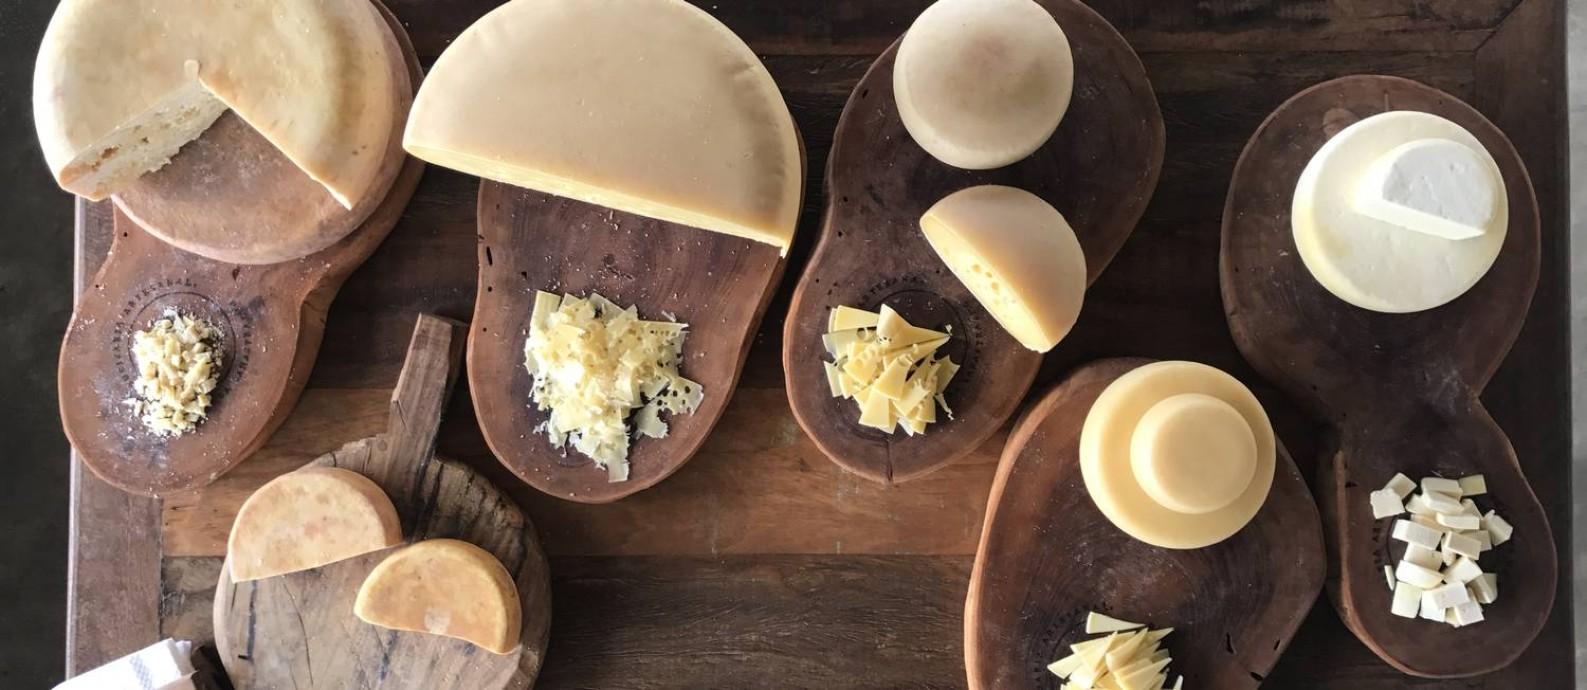 Festival de queijos na Casa Carandaí Foto: Divulgaçao